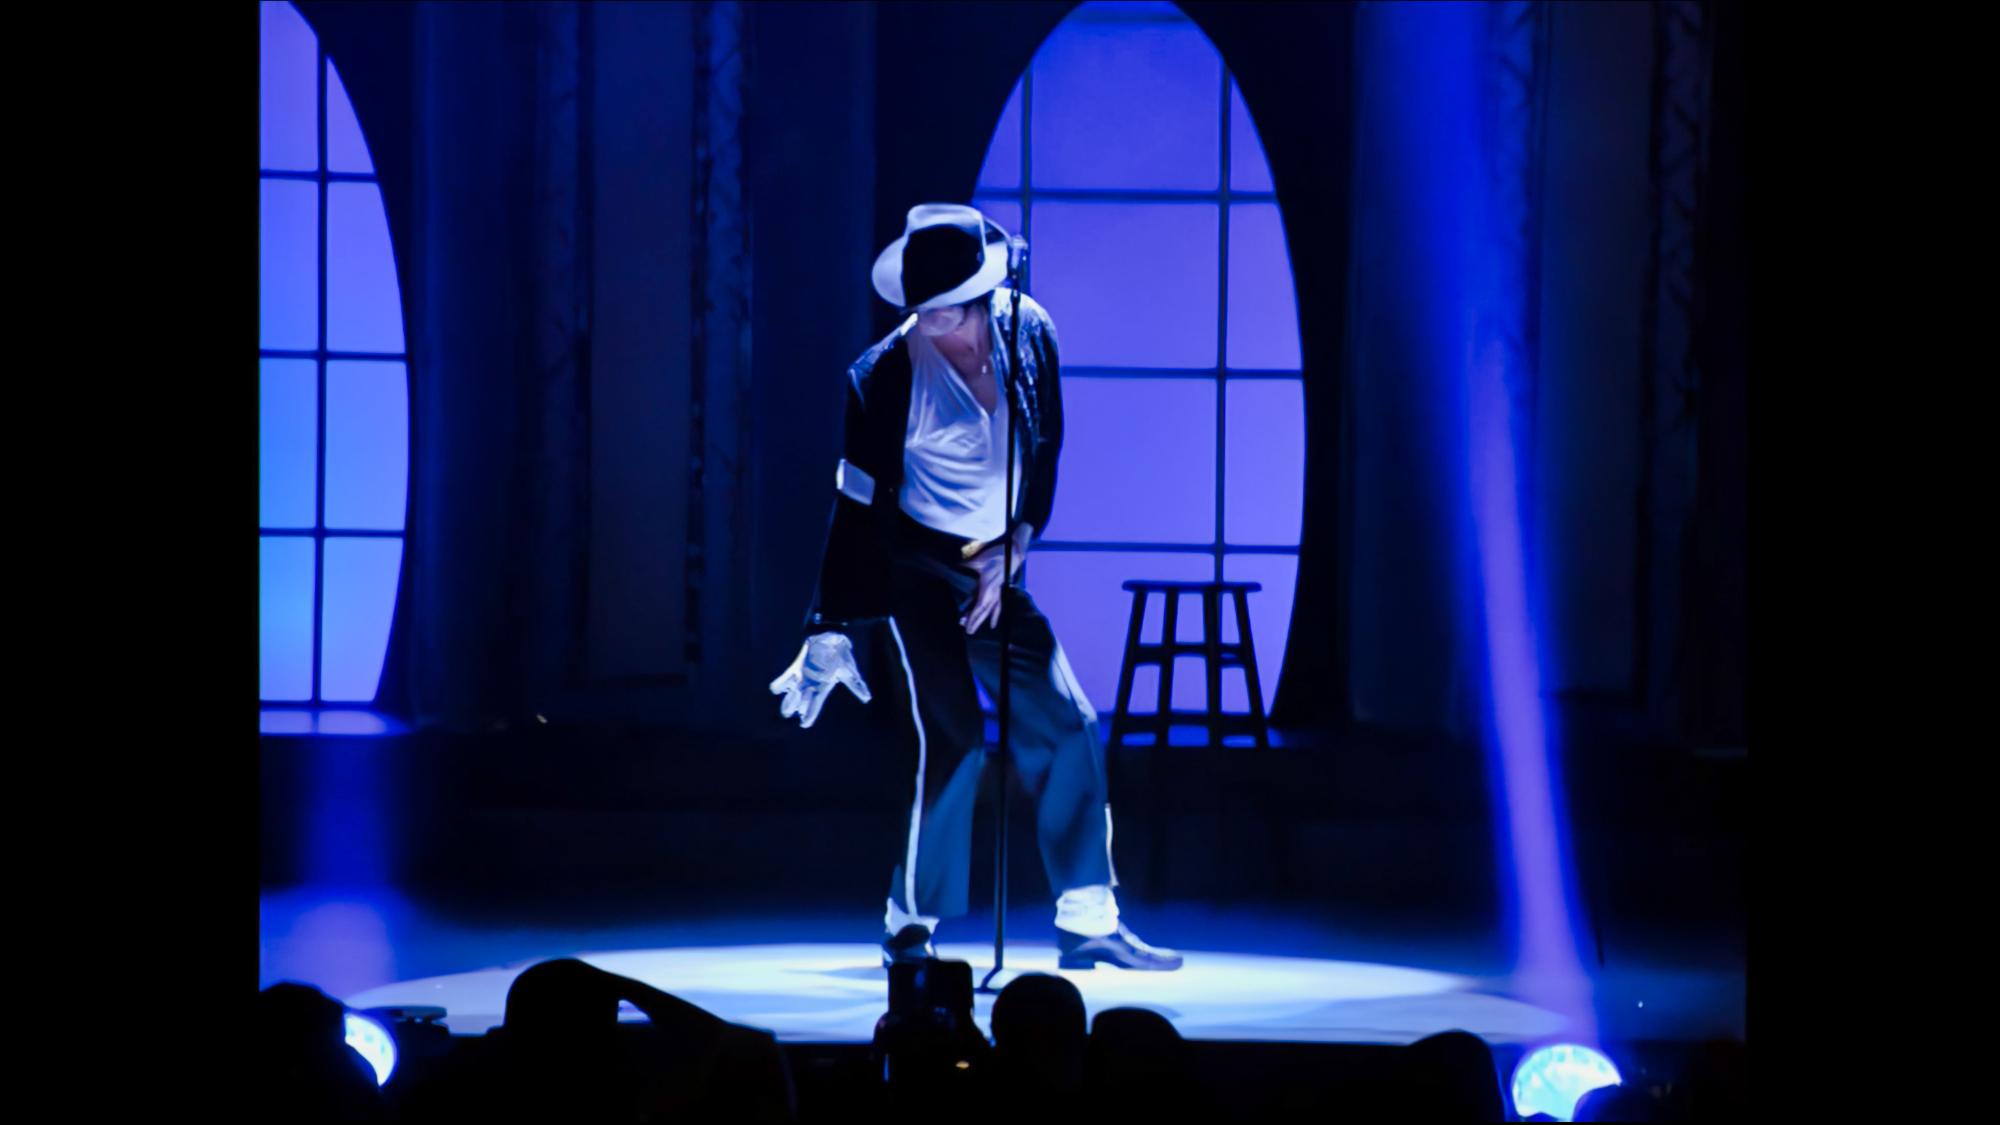 【1080p修复60帧】Michael Jackson从艺30周年演唱会